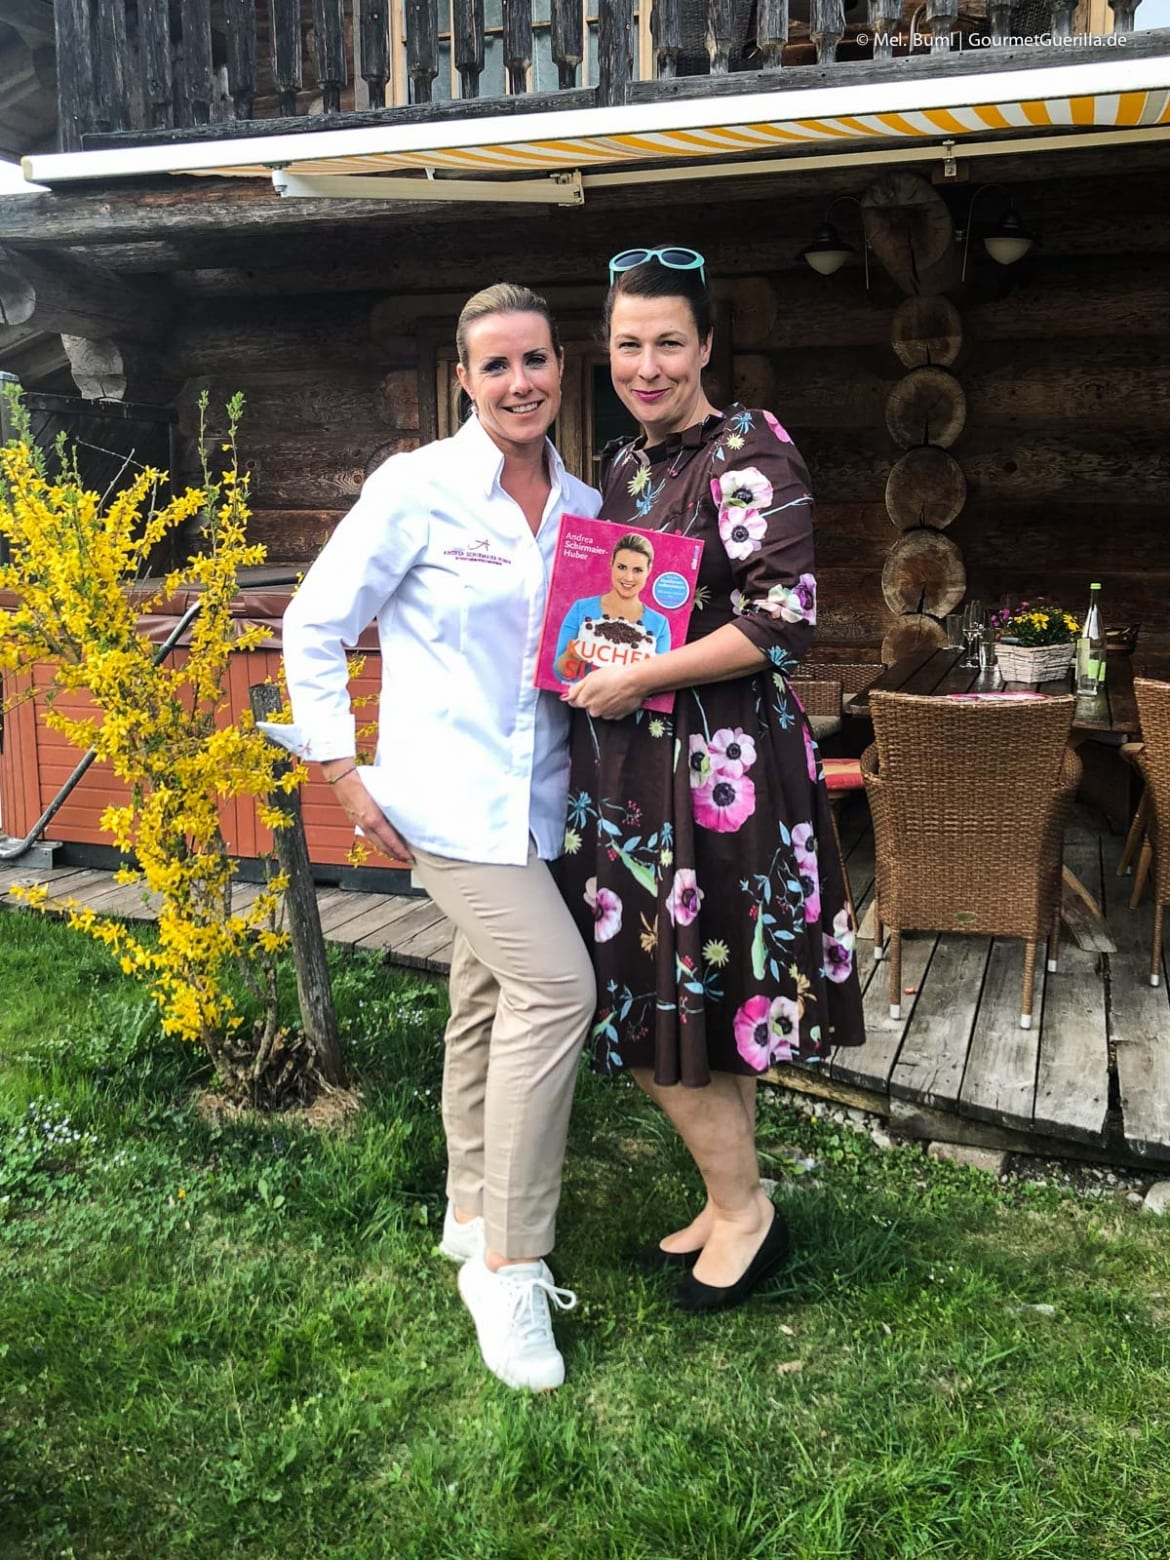 Backworkshop mit Weihenstephan und der Konditorweltmeisterin Andrea Schirmaier-Huber |GourmetGuerilla.de